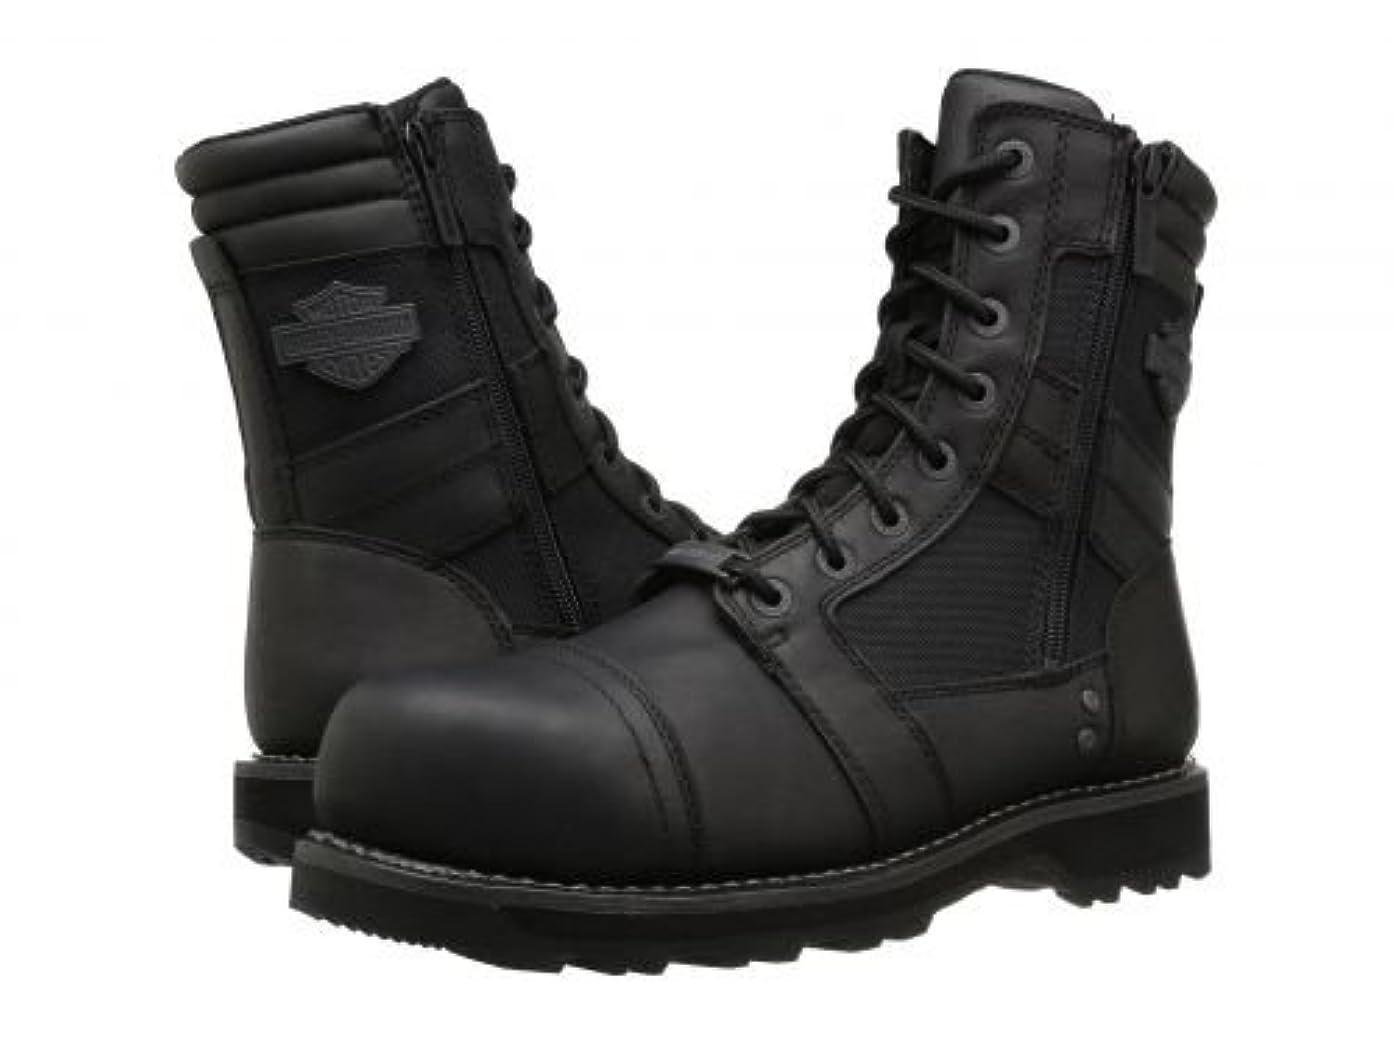 海岸タンザニア印象派Harley-Davidson(ハーレーダビッドソン) レディース 女性用 シューズ 靴 ブーツ レースアップブーツ Boxbury Composite Toe - Black [並行輸入品]